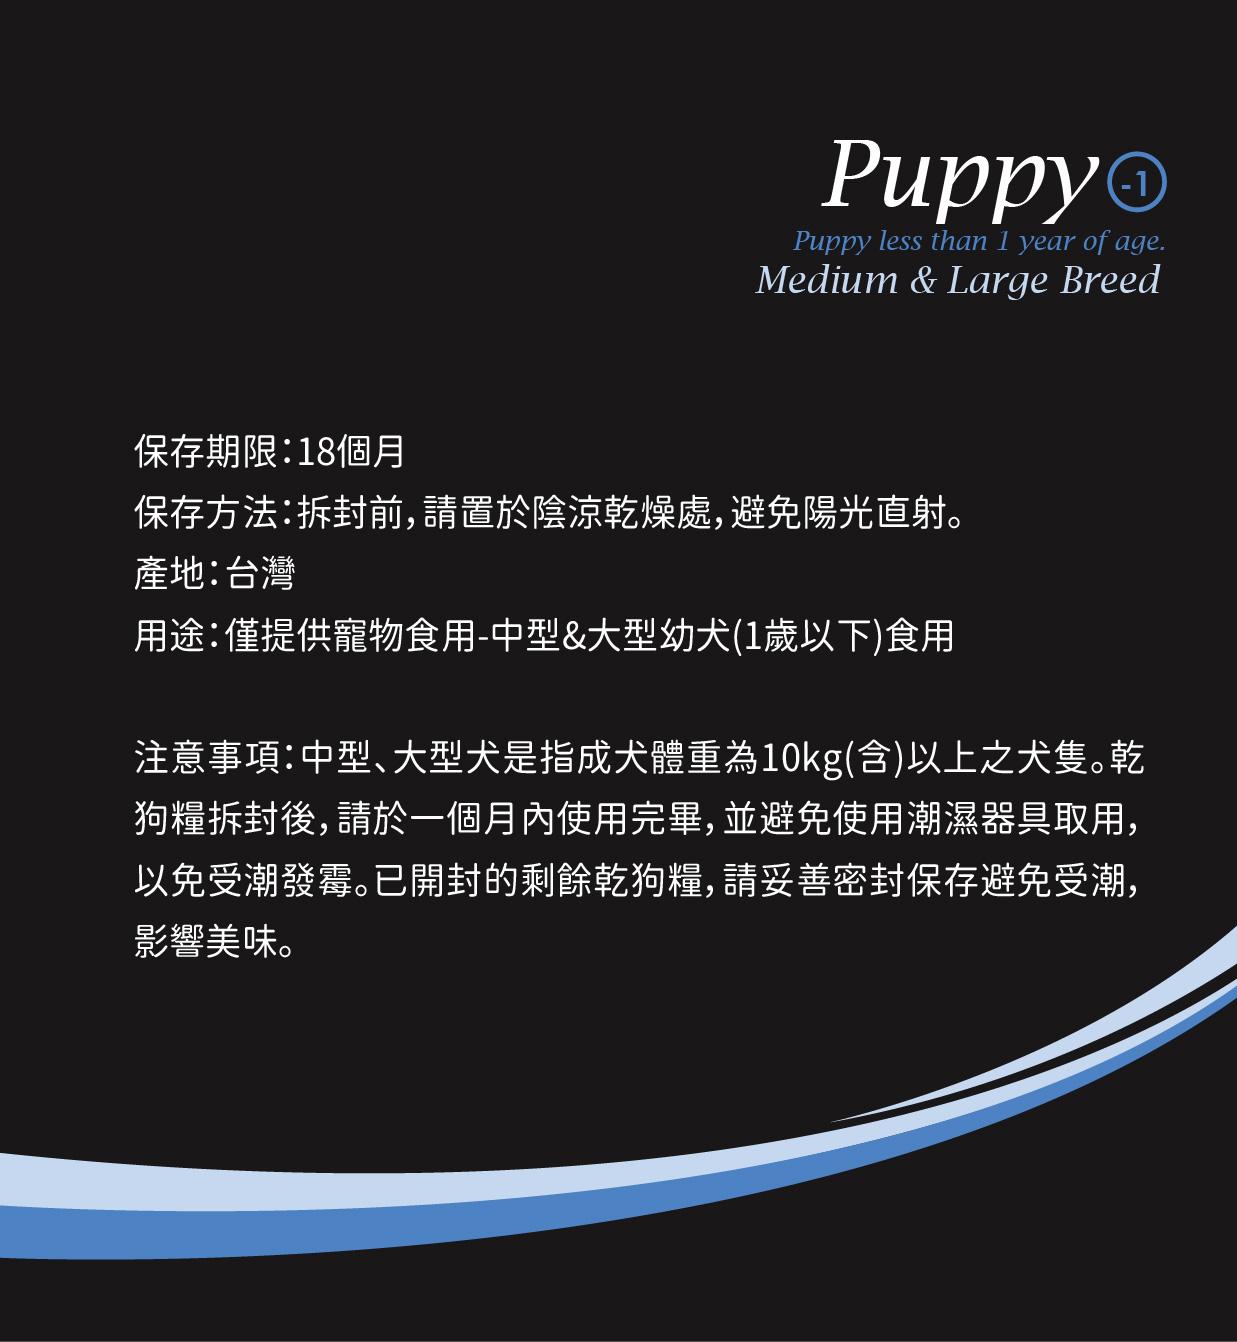 在最佳賞味期限內食用,確保狗狗有良好的用餐品質│MePet全球寵物狗狗健康首選